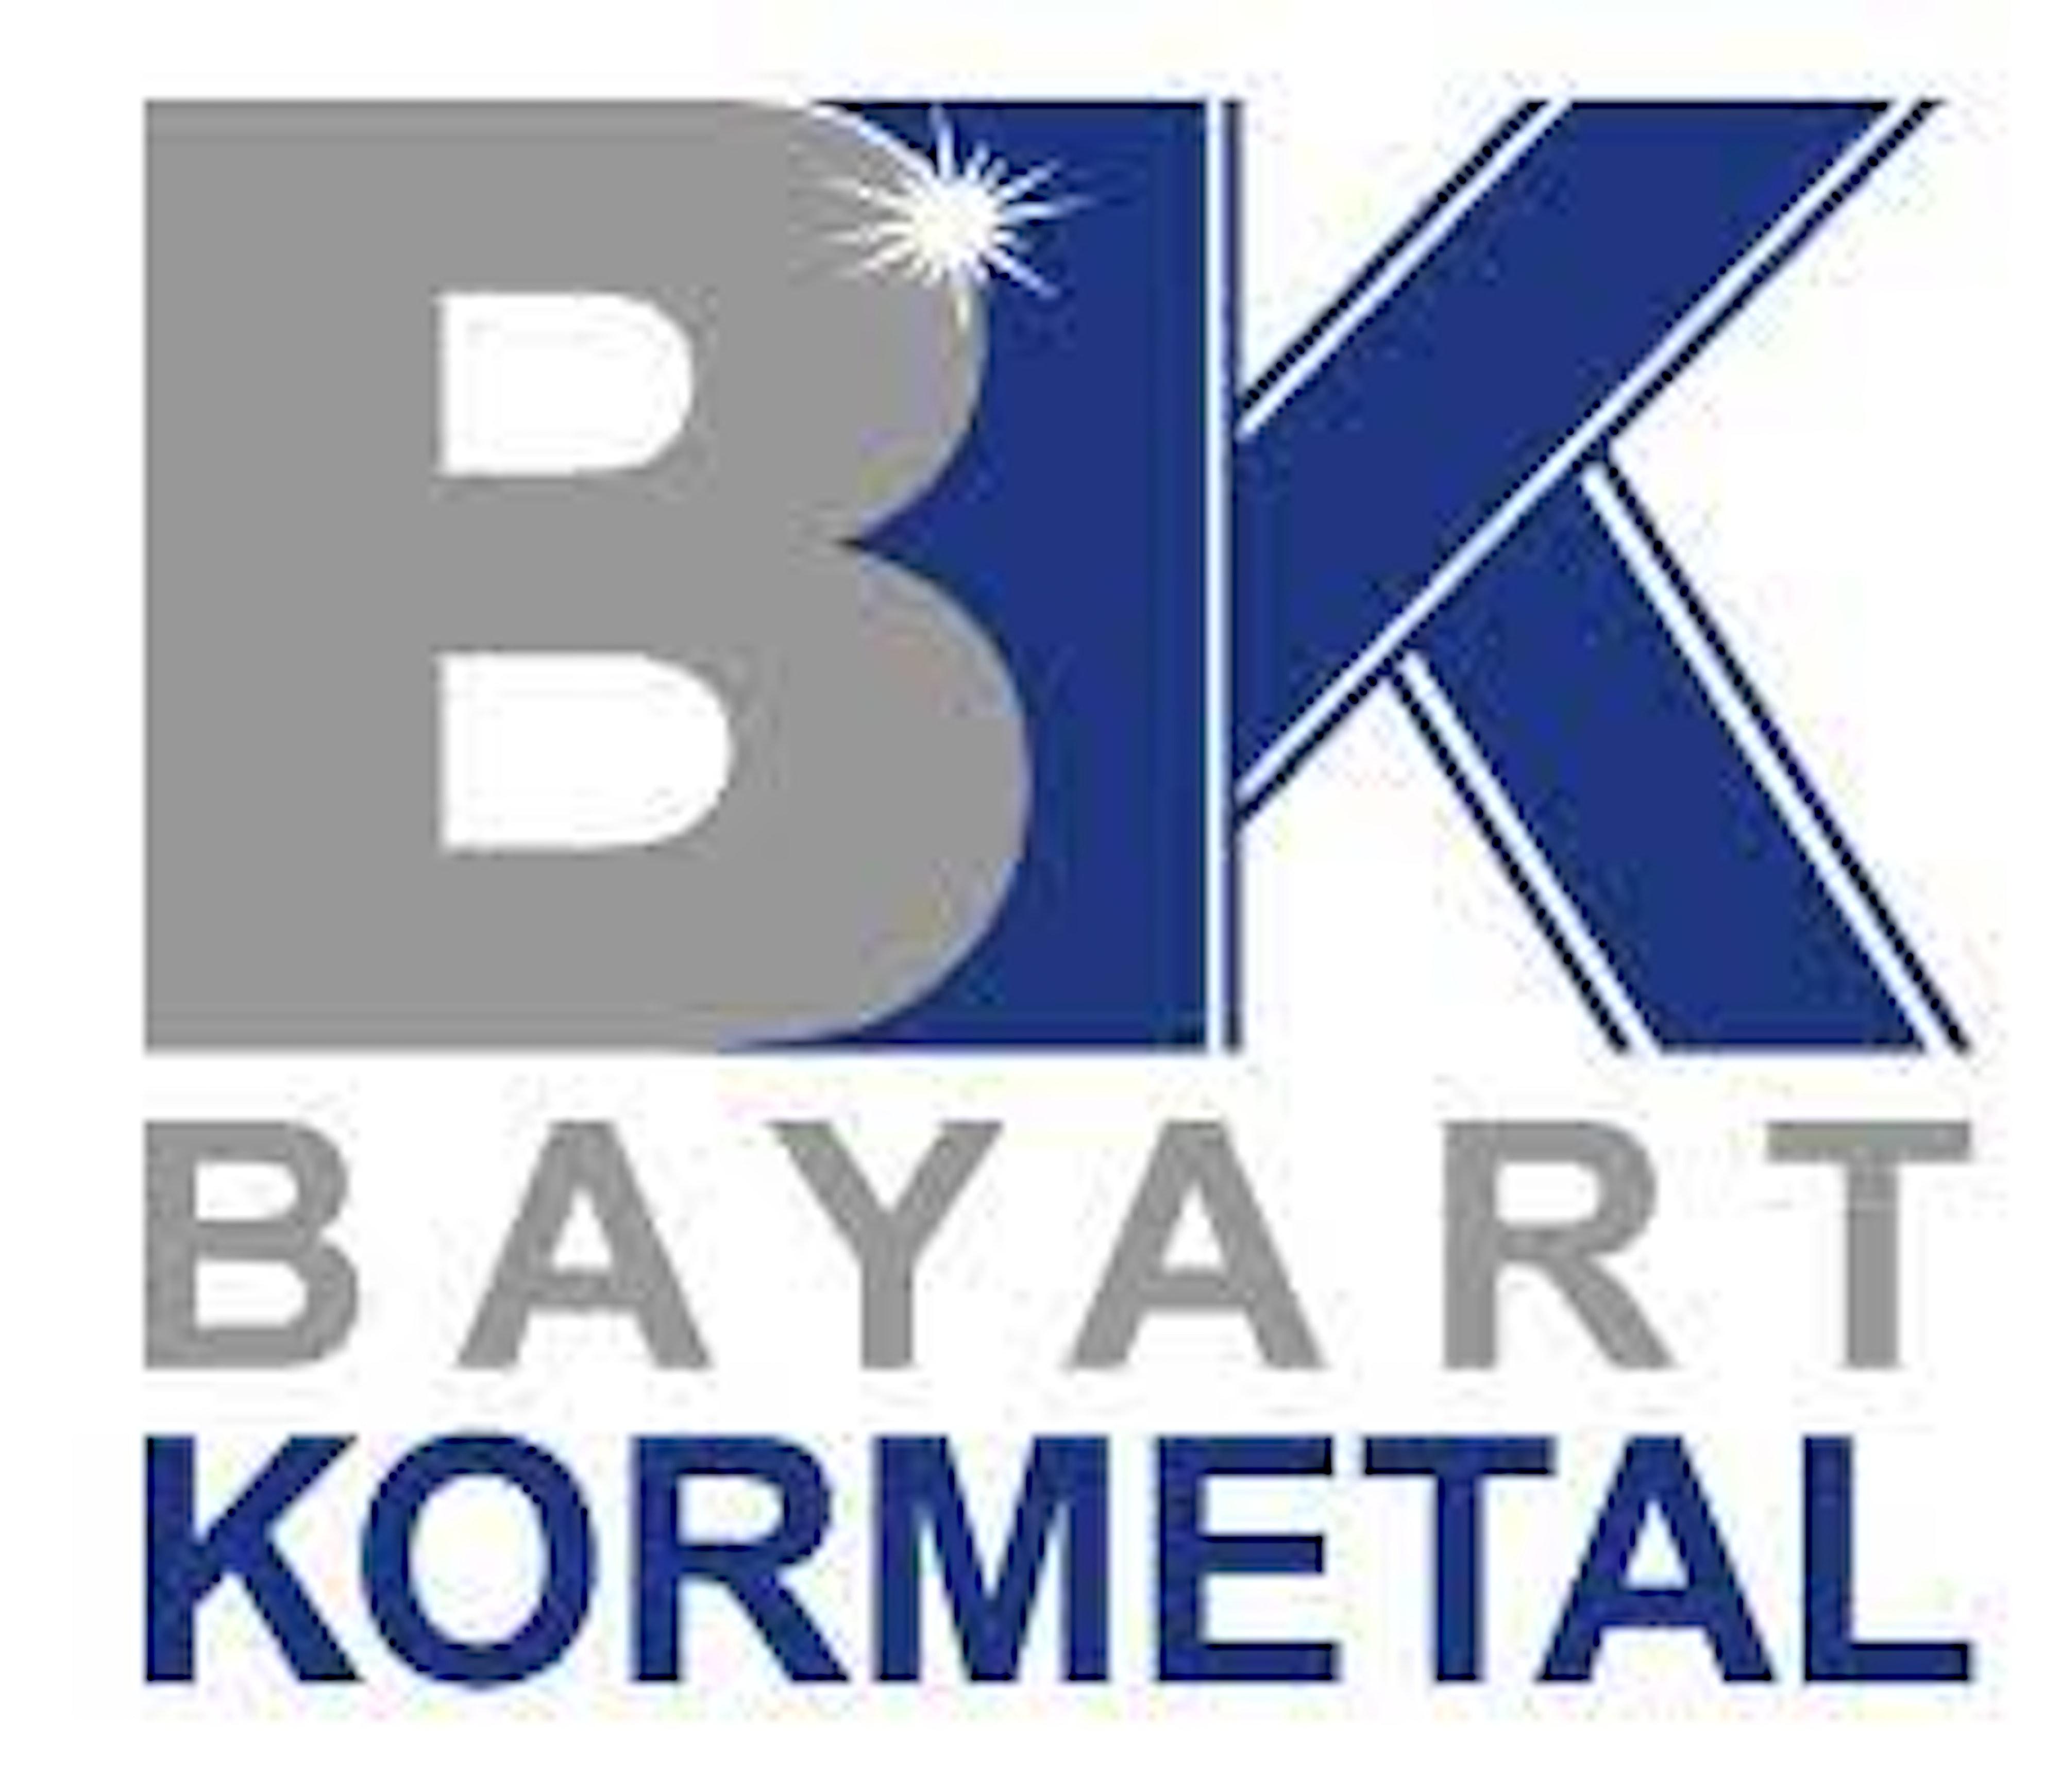 Bayart Kormetal logo